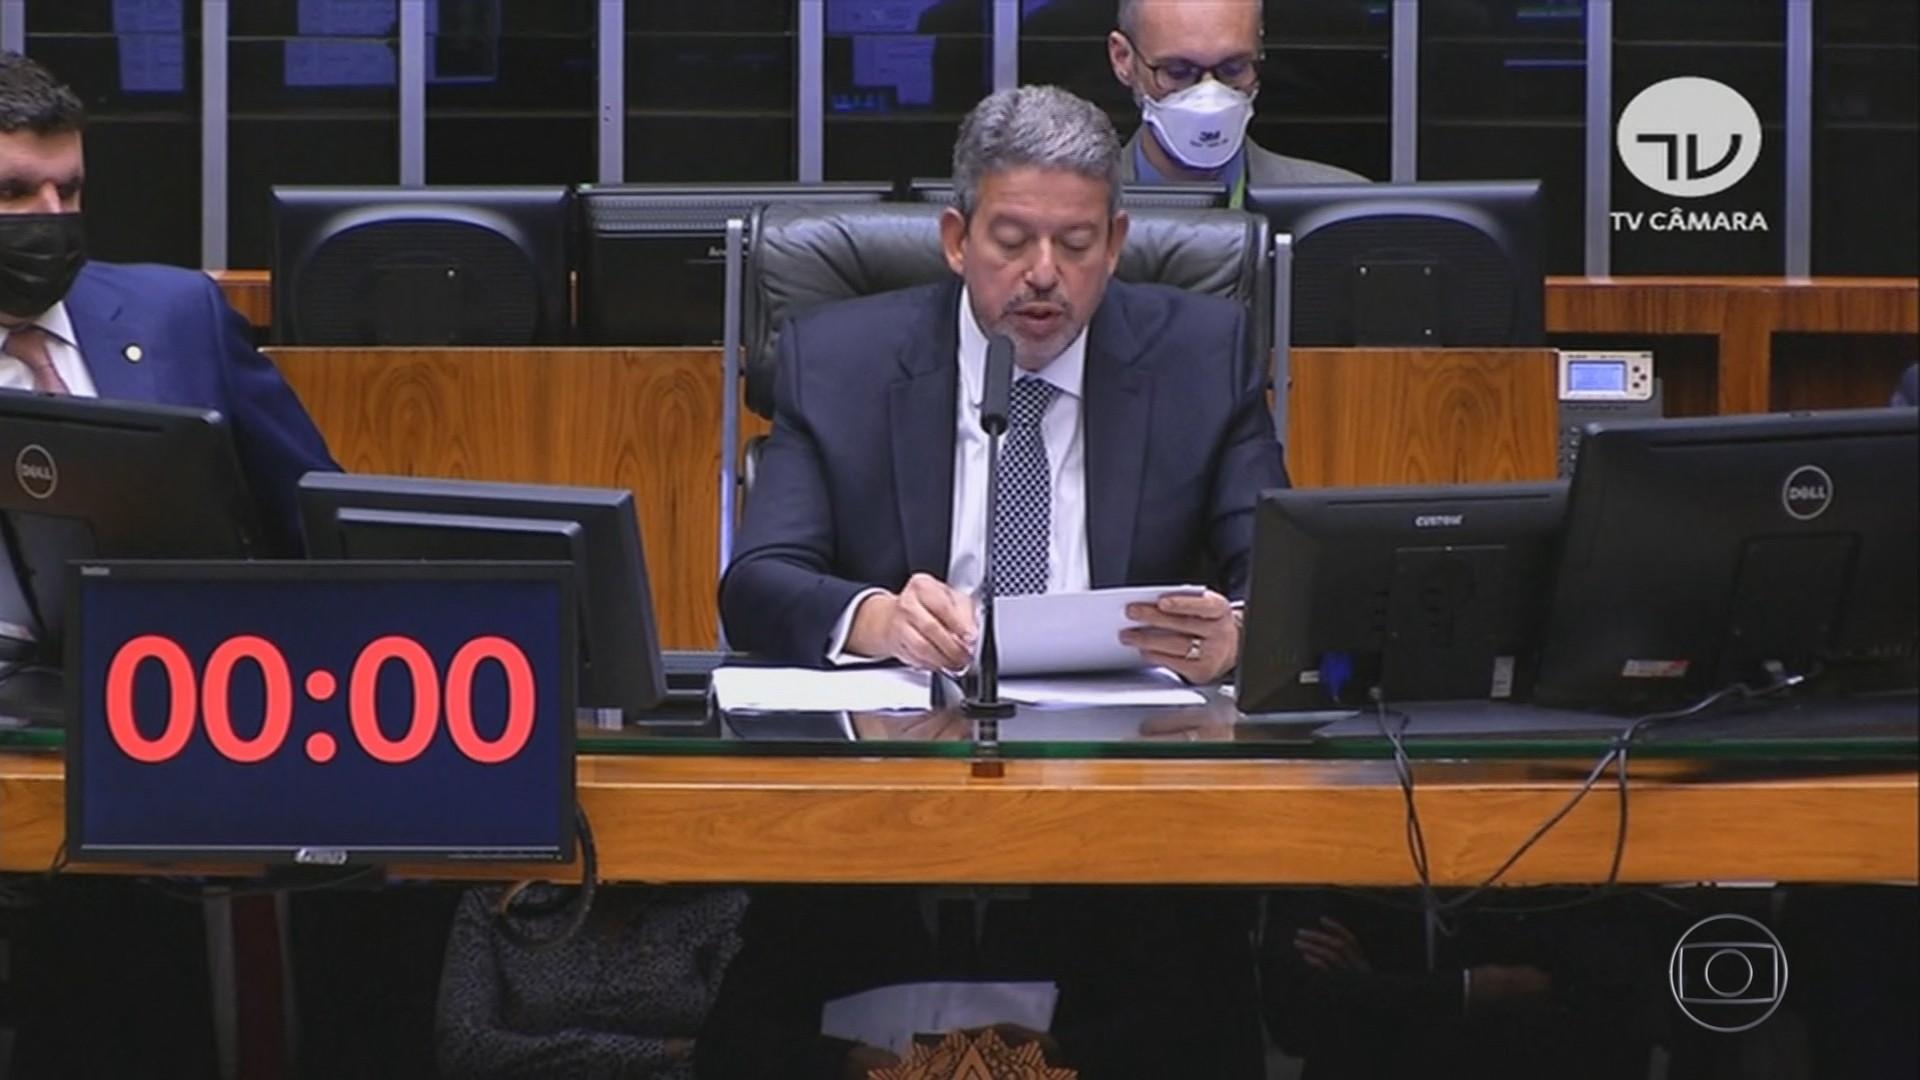 Aras recebe relatório da CPI e afirma que pode avançar na investigação sobre autoridades